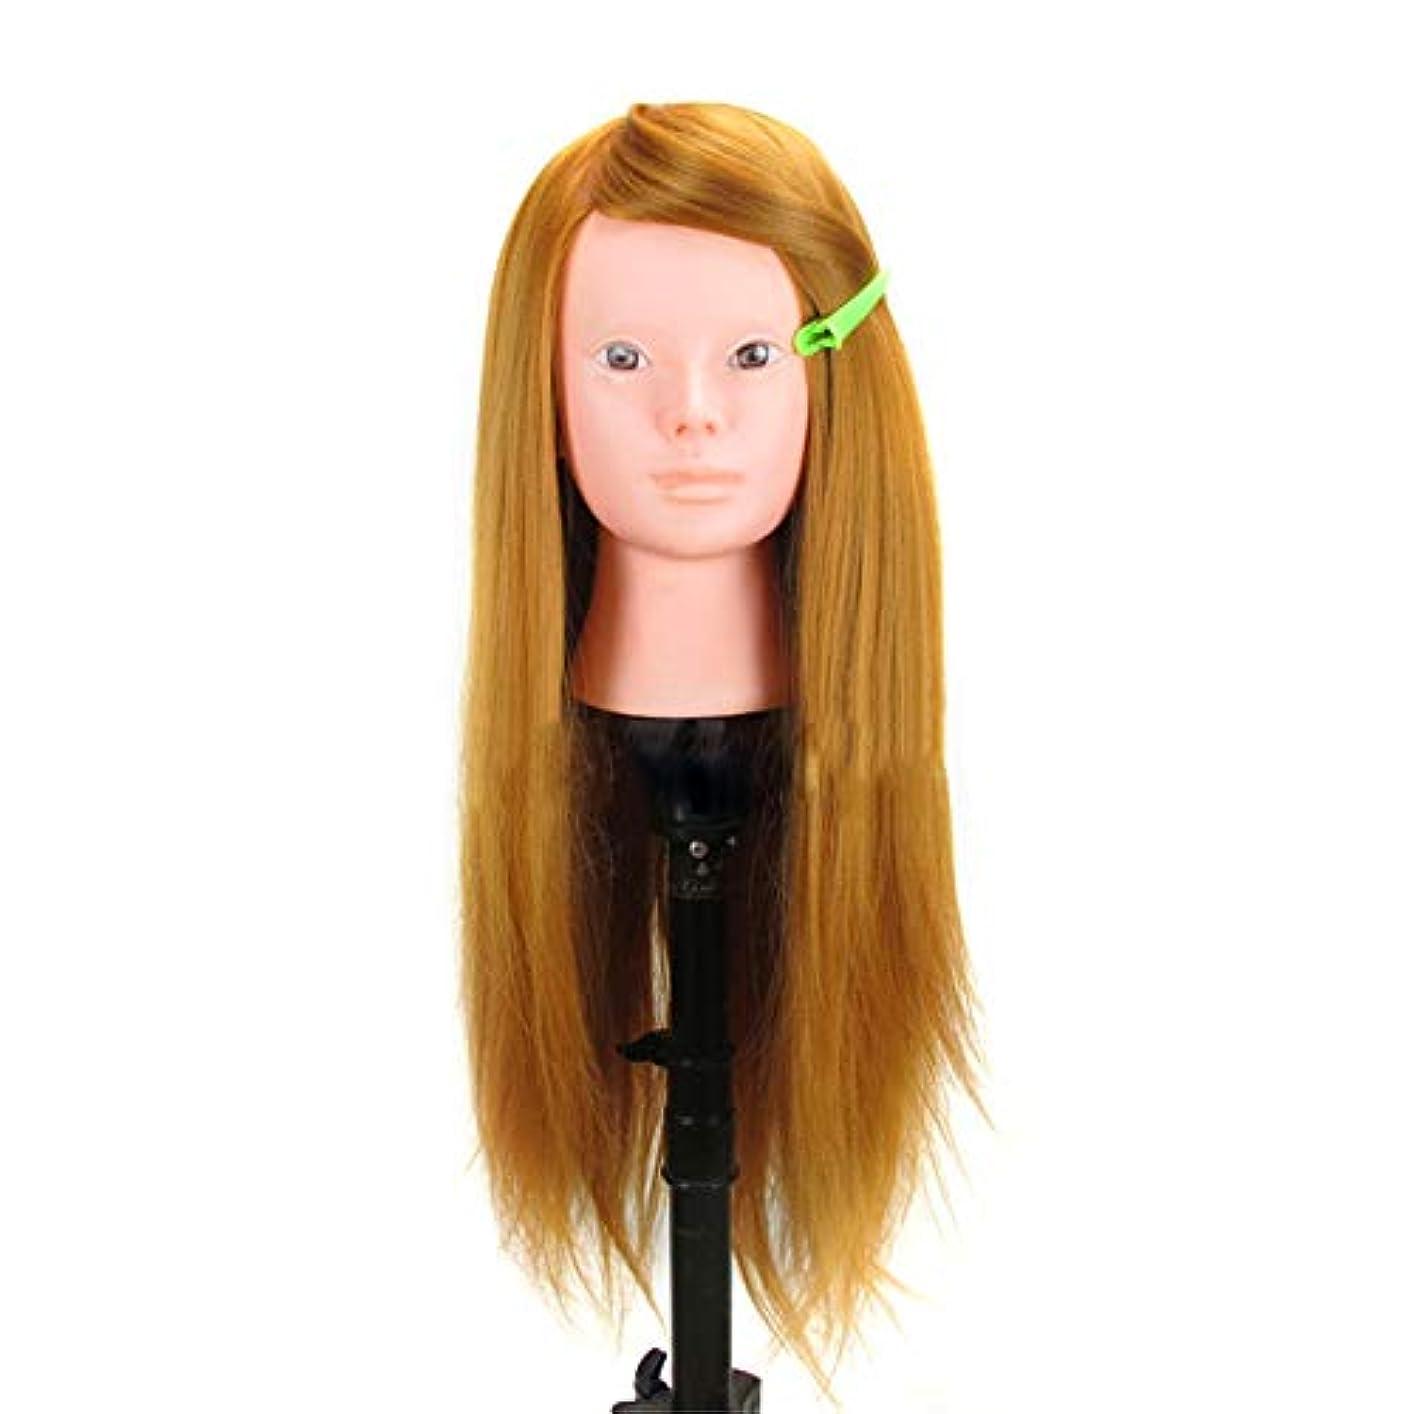 乙女マルクス主義者科学的高温ワイヤーヘアティーチングヘッドパーマ髪織りヘアモデル髪染め理髪ダミーヘッドモデル